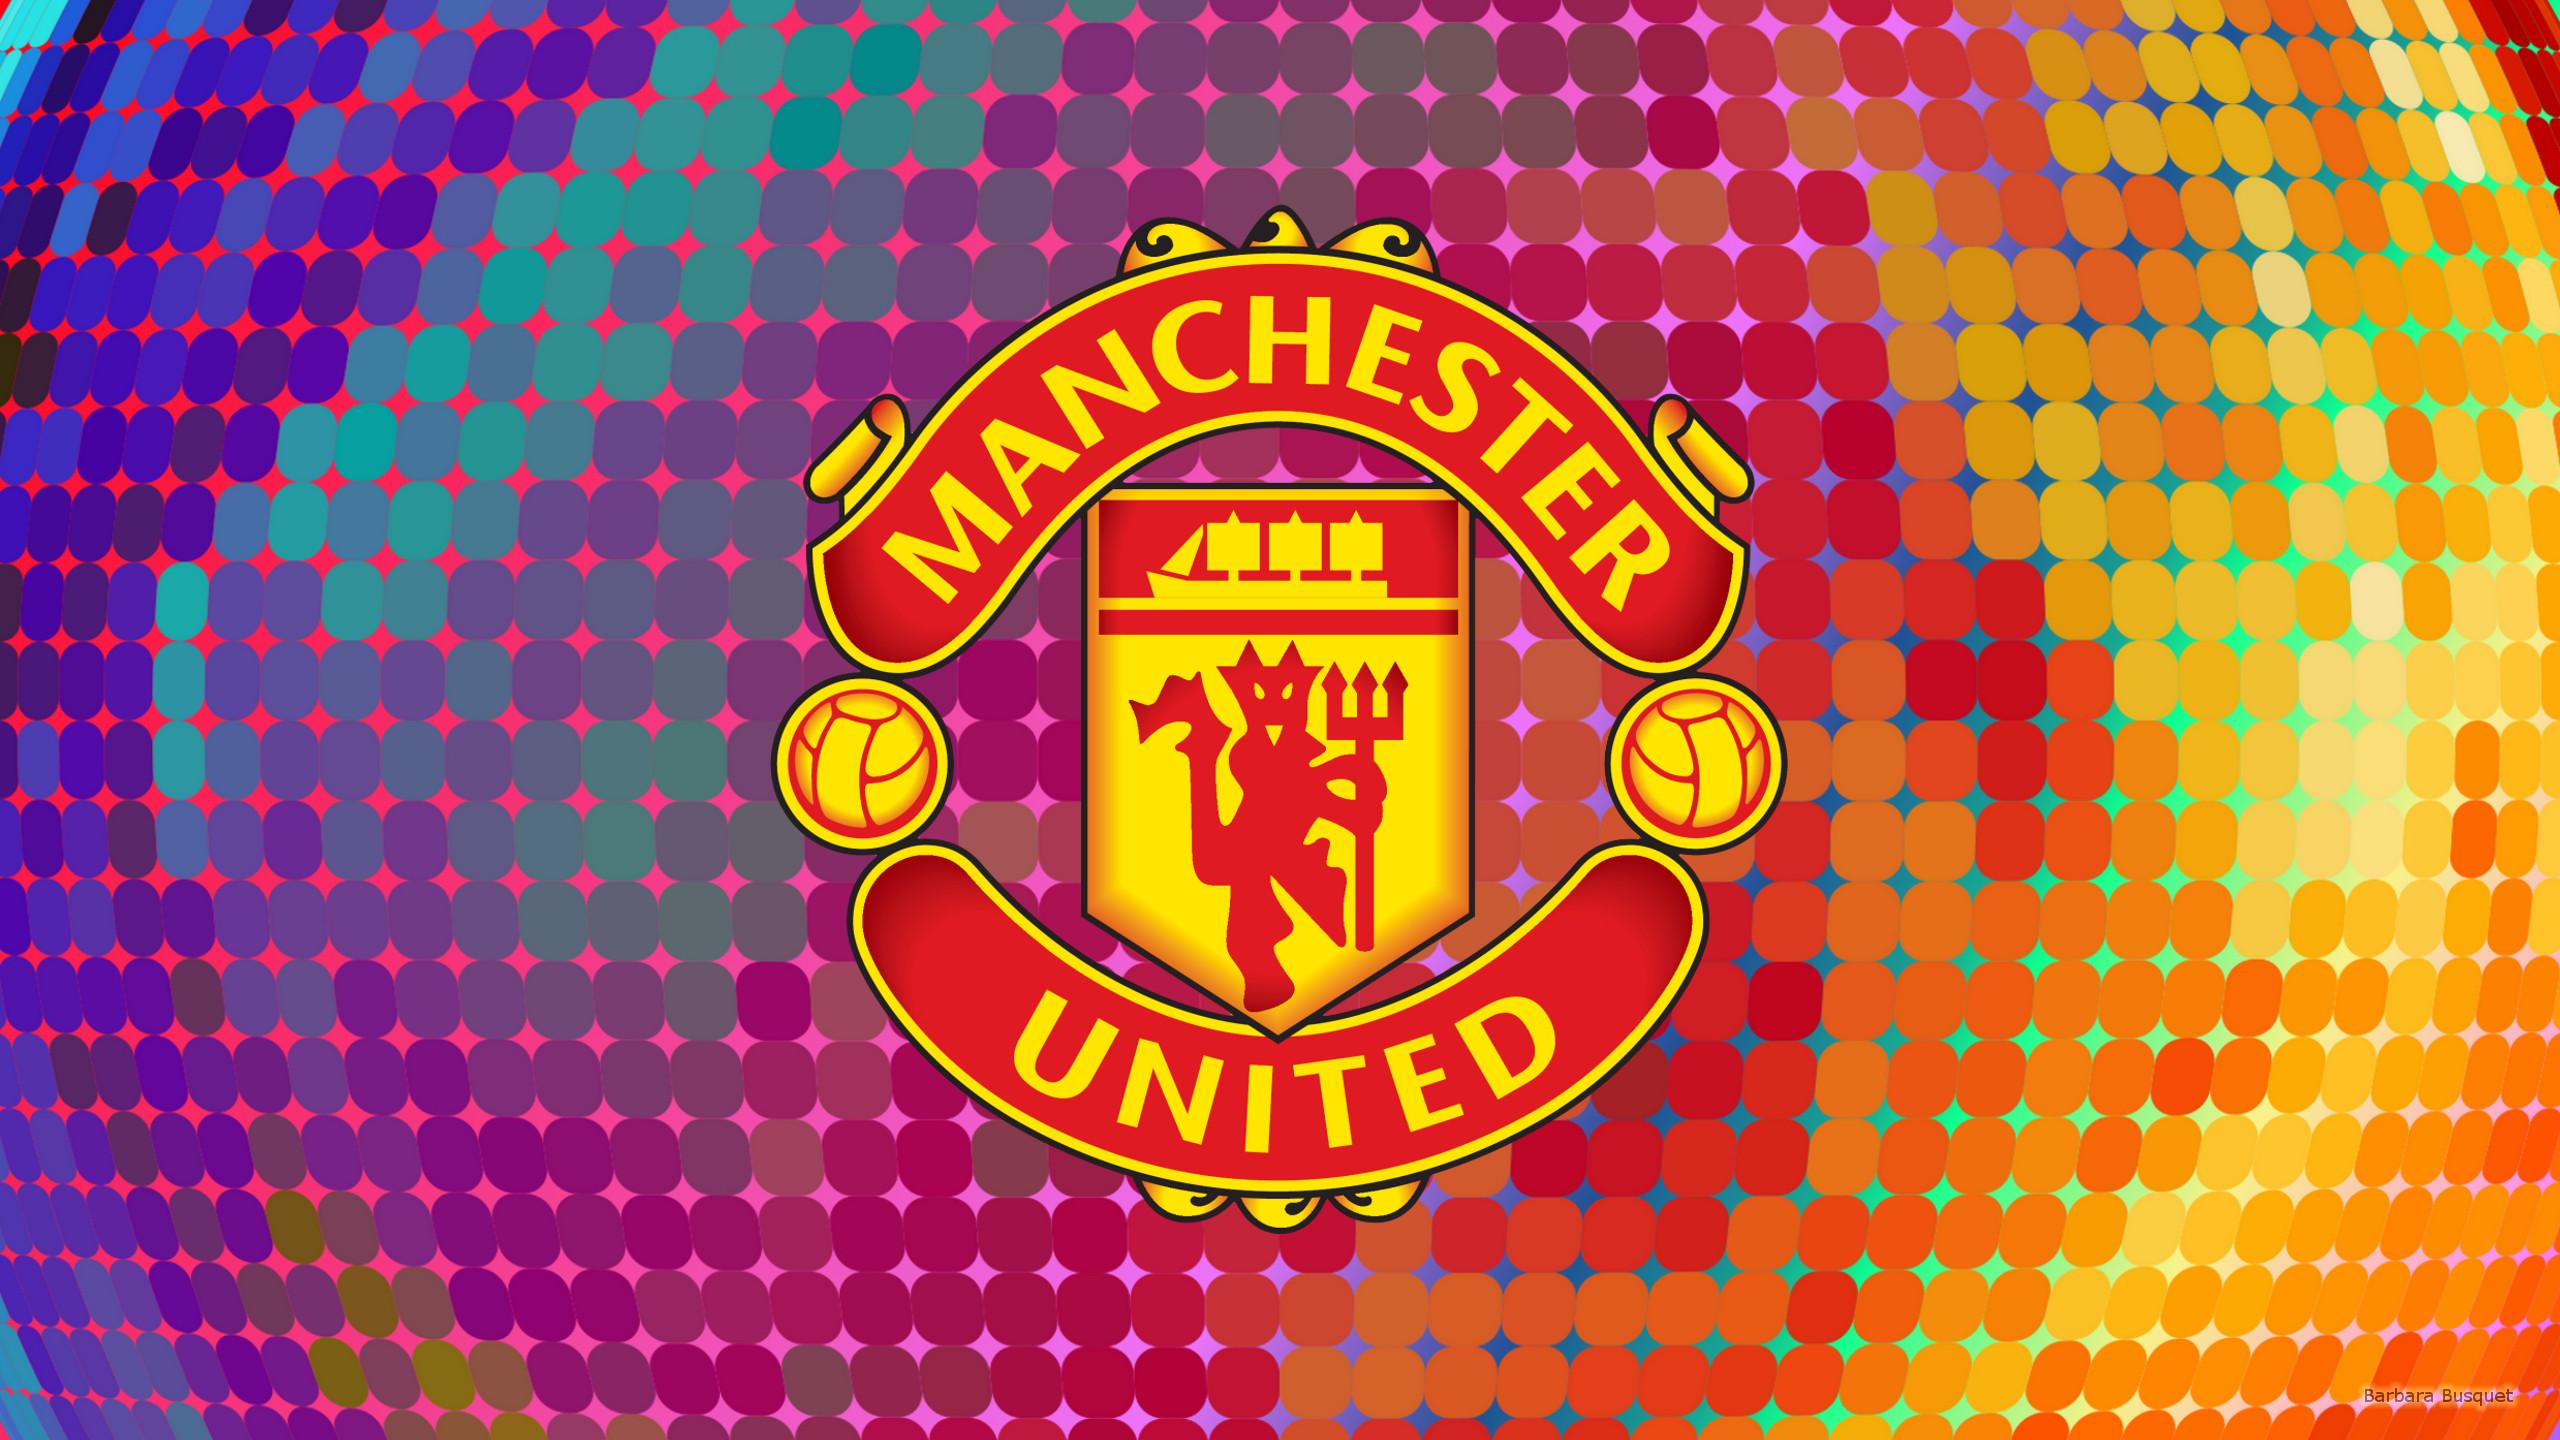 Manchester United Wallpaper 2020 2560x1440 Download Hd Wallpaper Wallpapertip